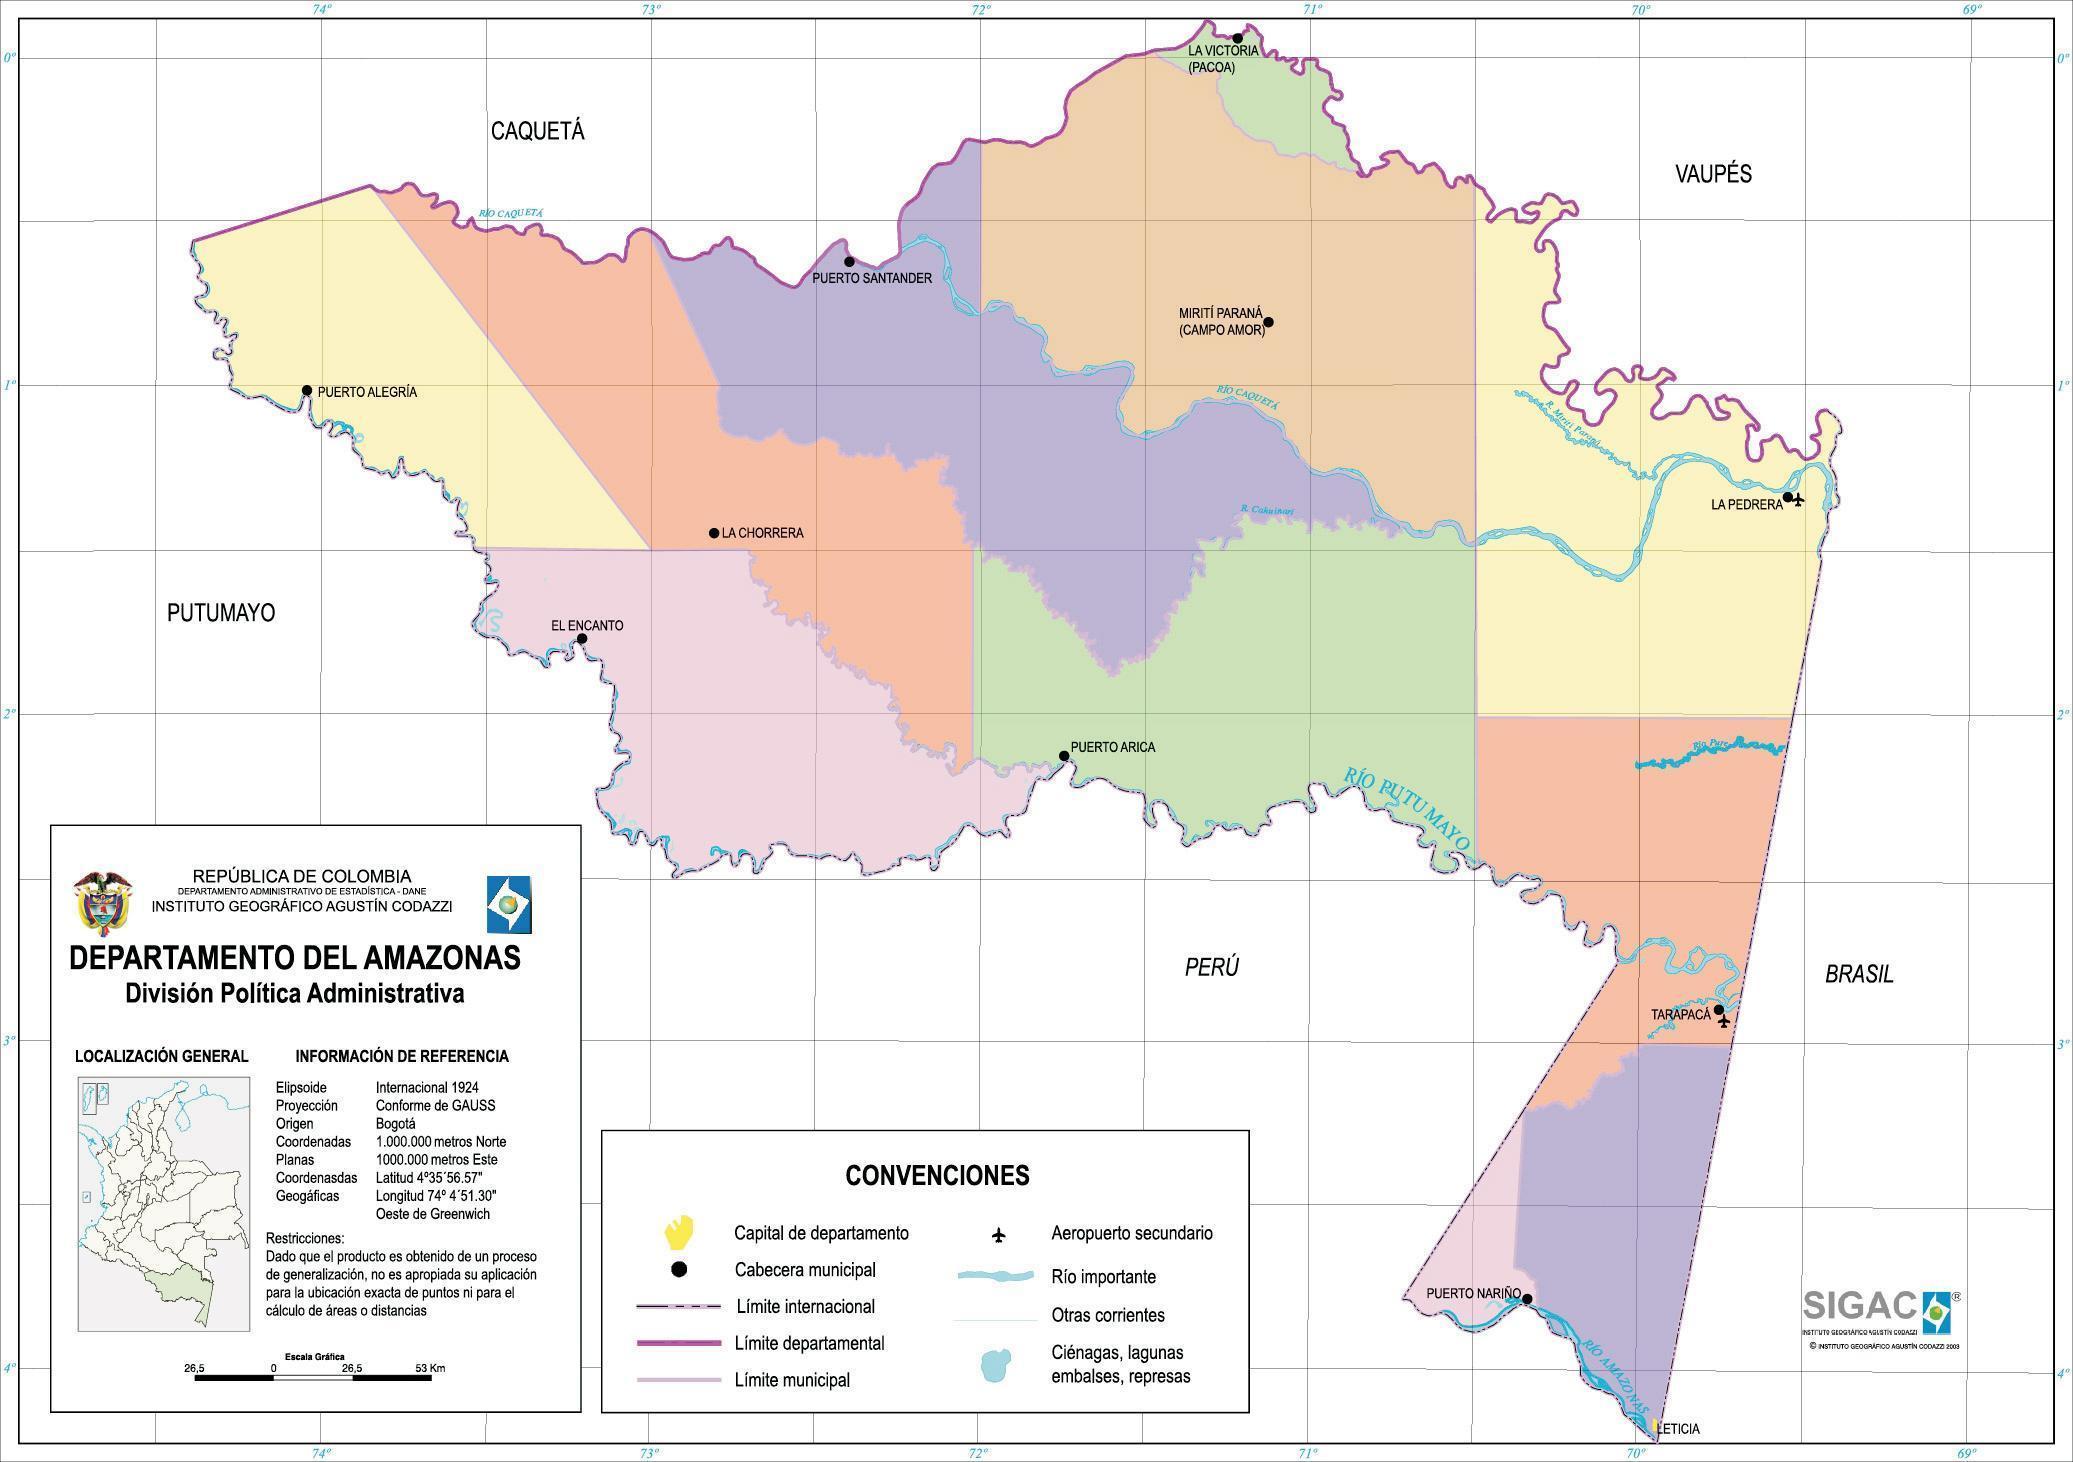 Mapa-del-Departamento-del-Amazonas-Colombia-9577.jpg mapa del amazonas